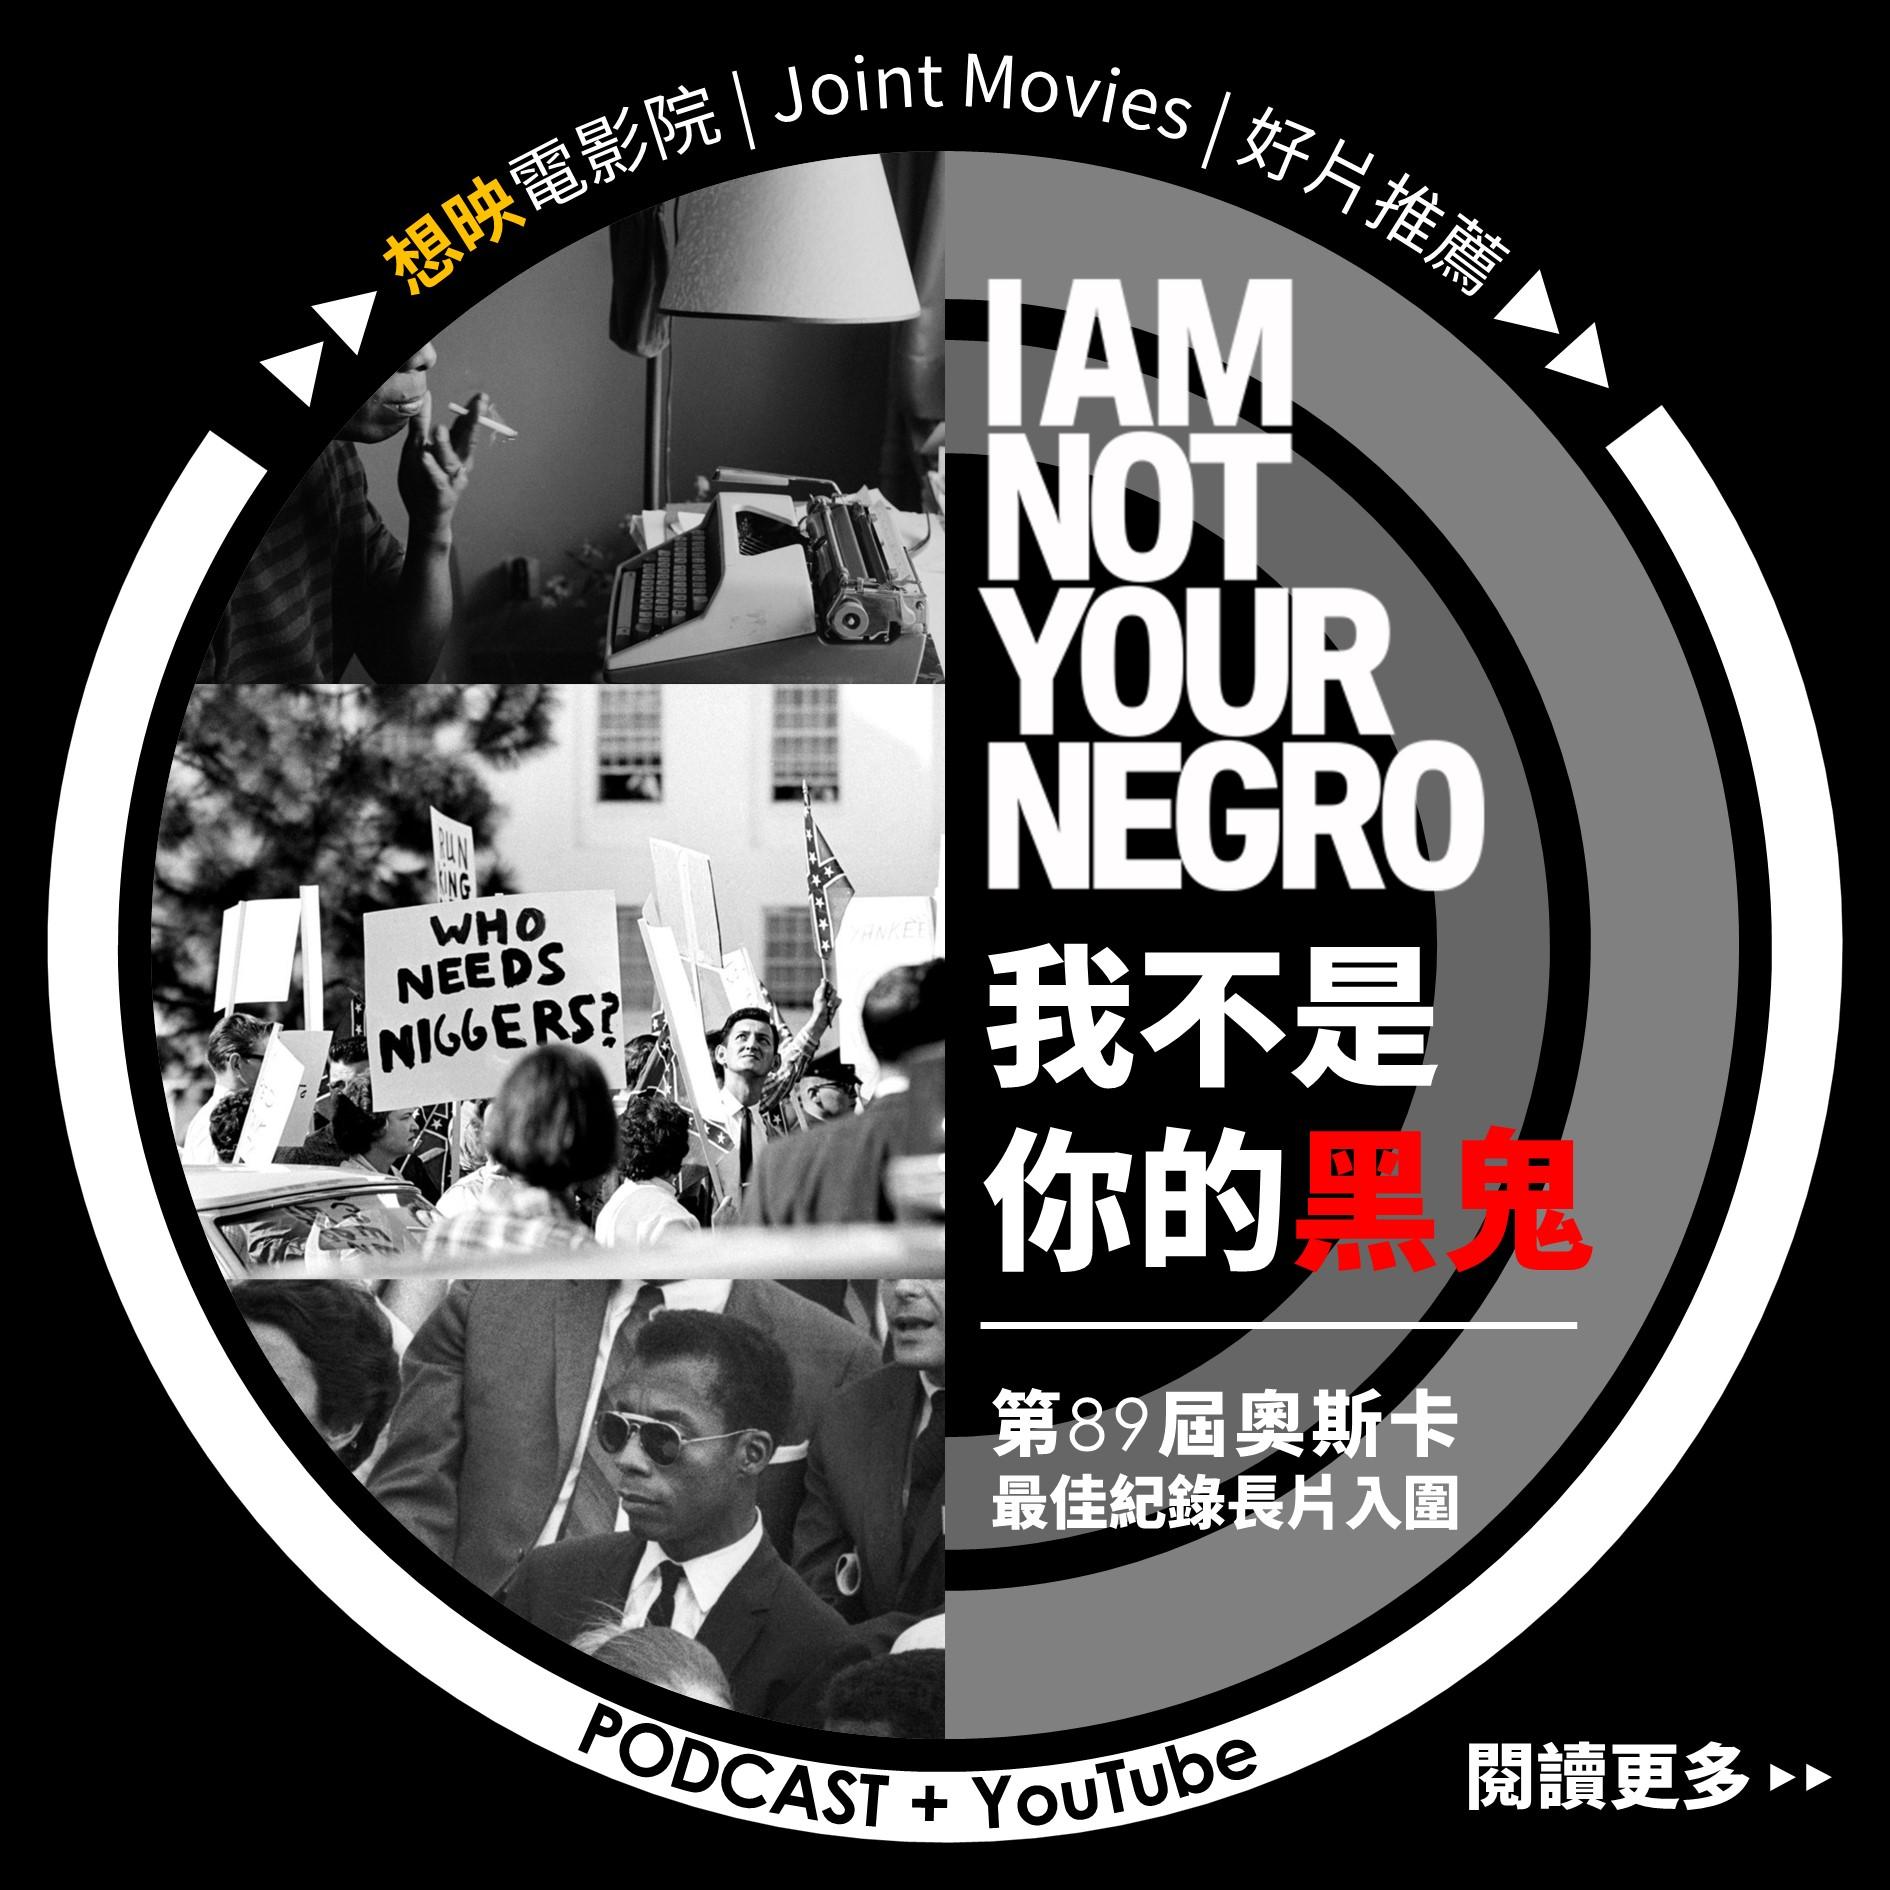 【想映電影院】EP. 02 你才你哥!你全家都你哥!《我不是你的黑鬼》I Am Not Your Negro 奧斯卡最佳紀錄長片入圍作品   XXY + JERICHO